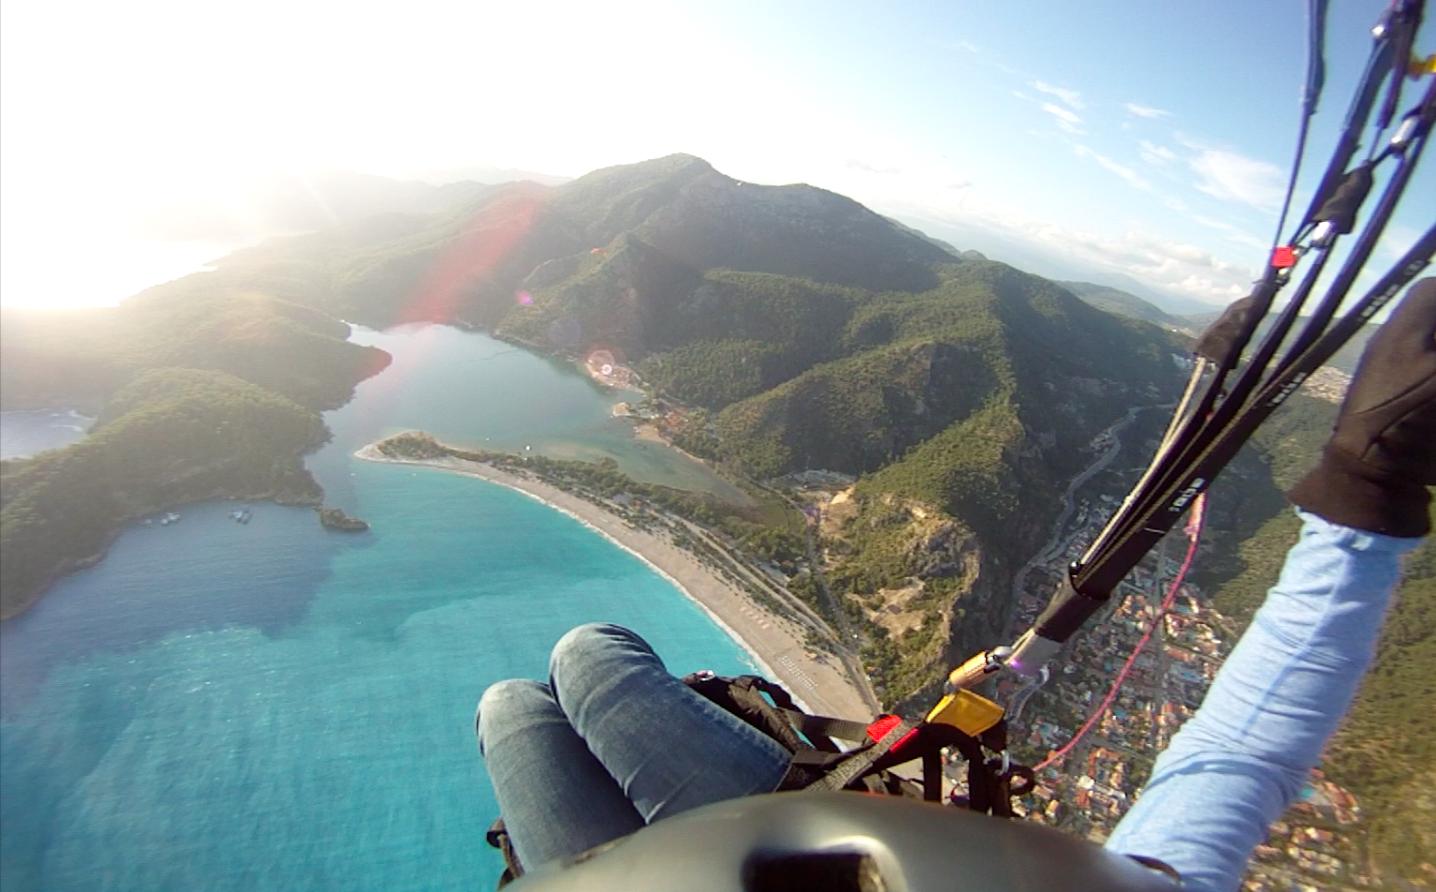 Flying over Ölüdeniz, Turkey.